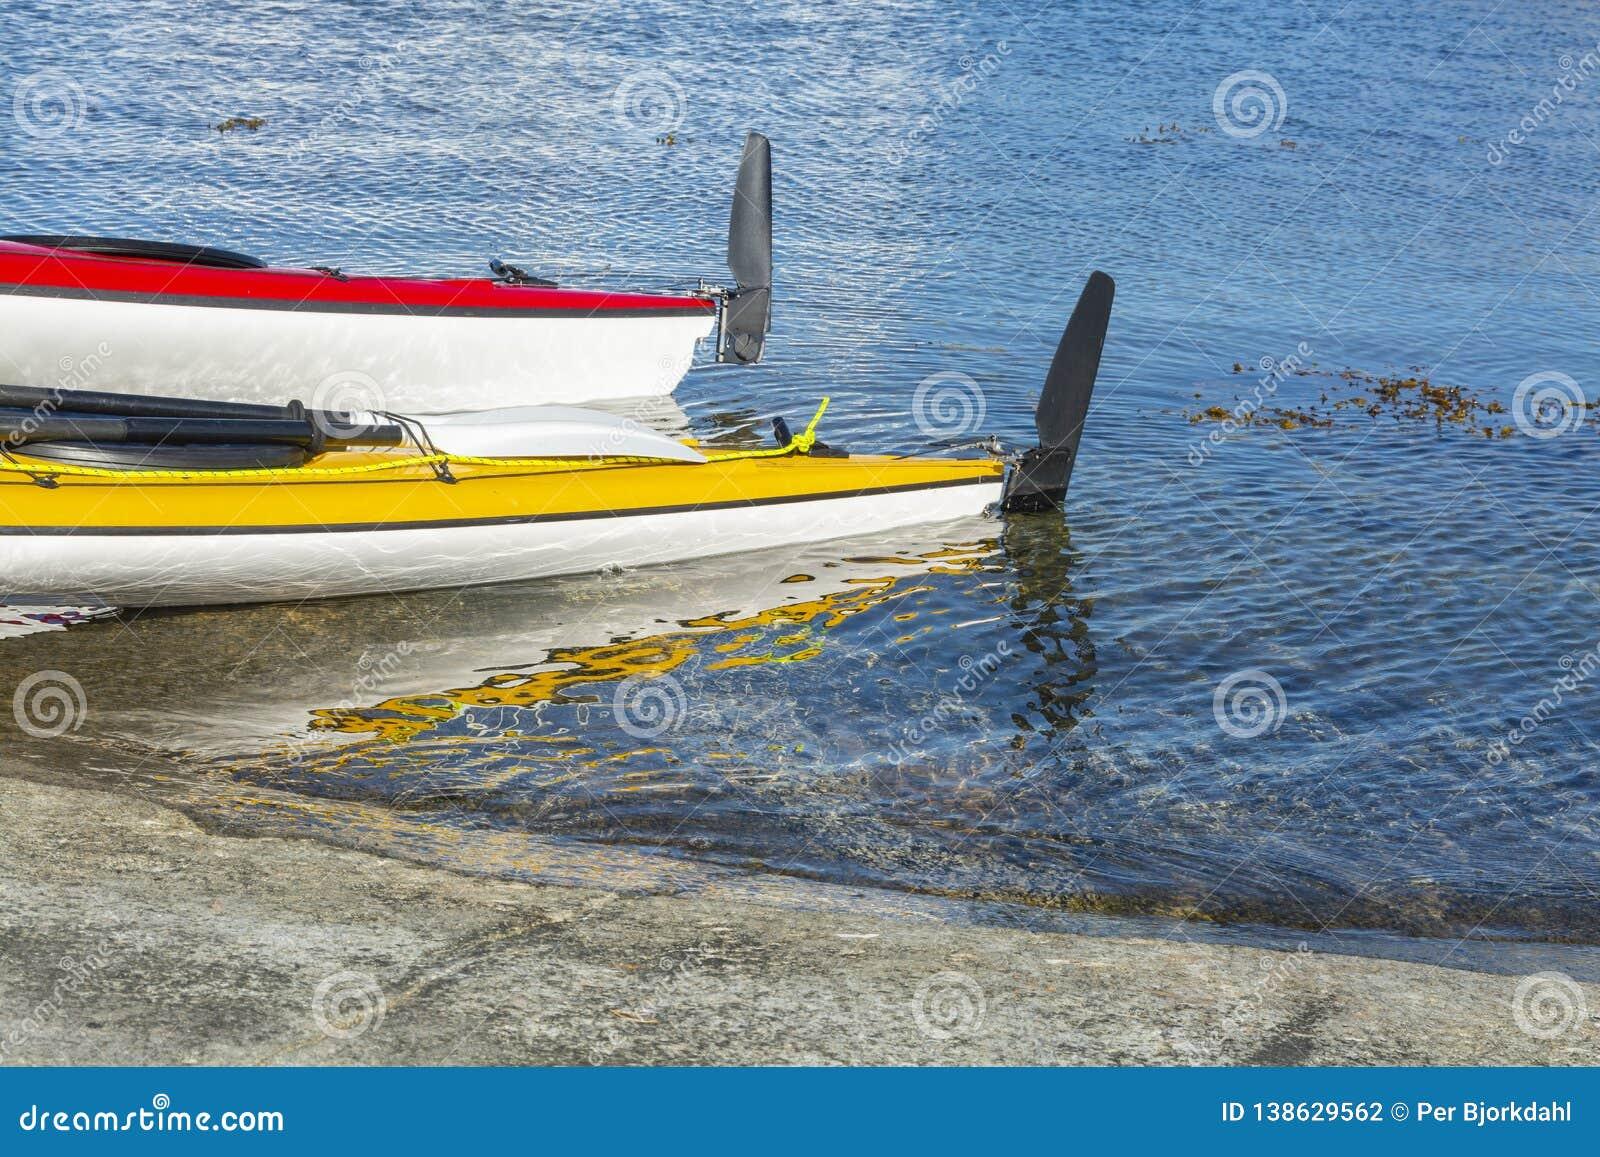 Two Touring Kayaks Stockholm Archipelago Stock Photo - Image